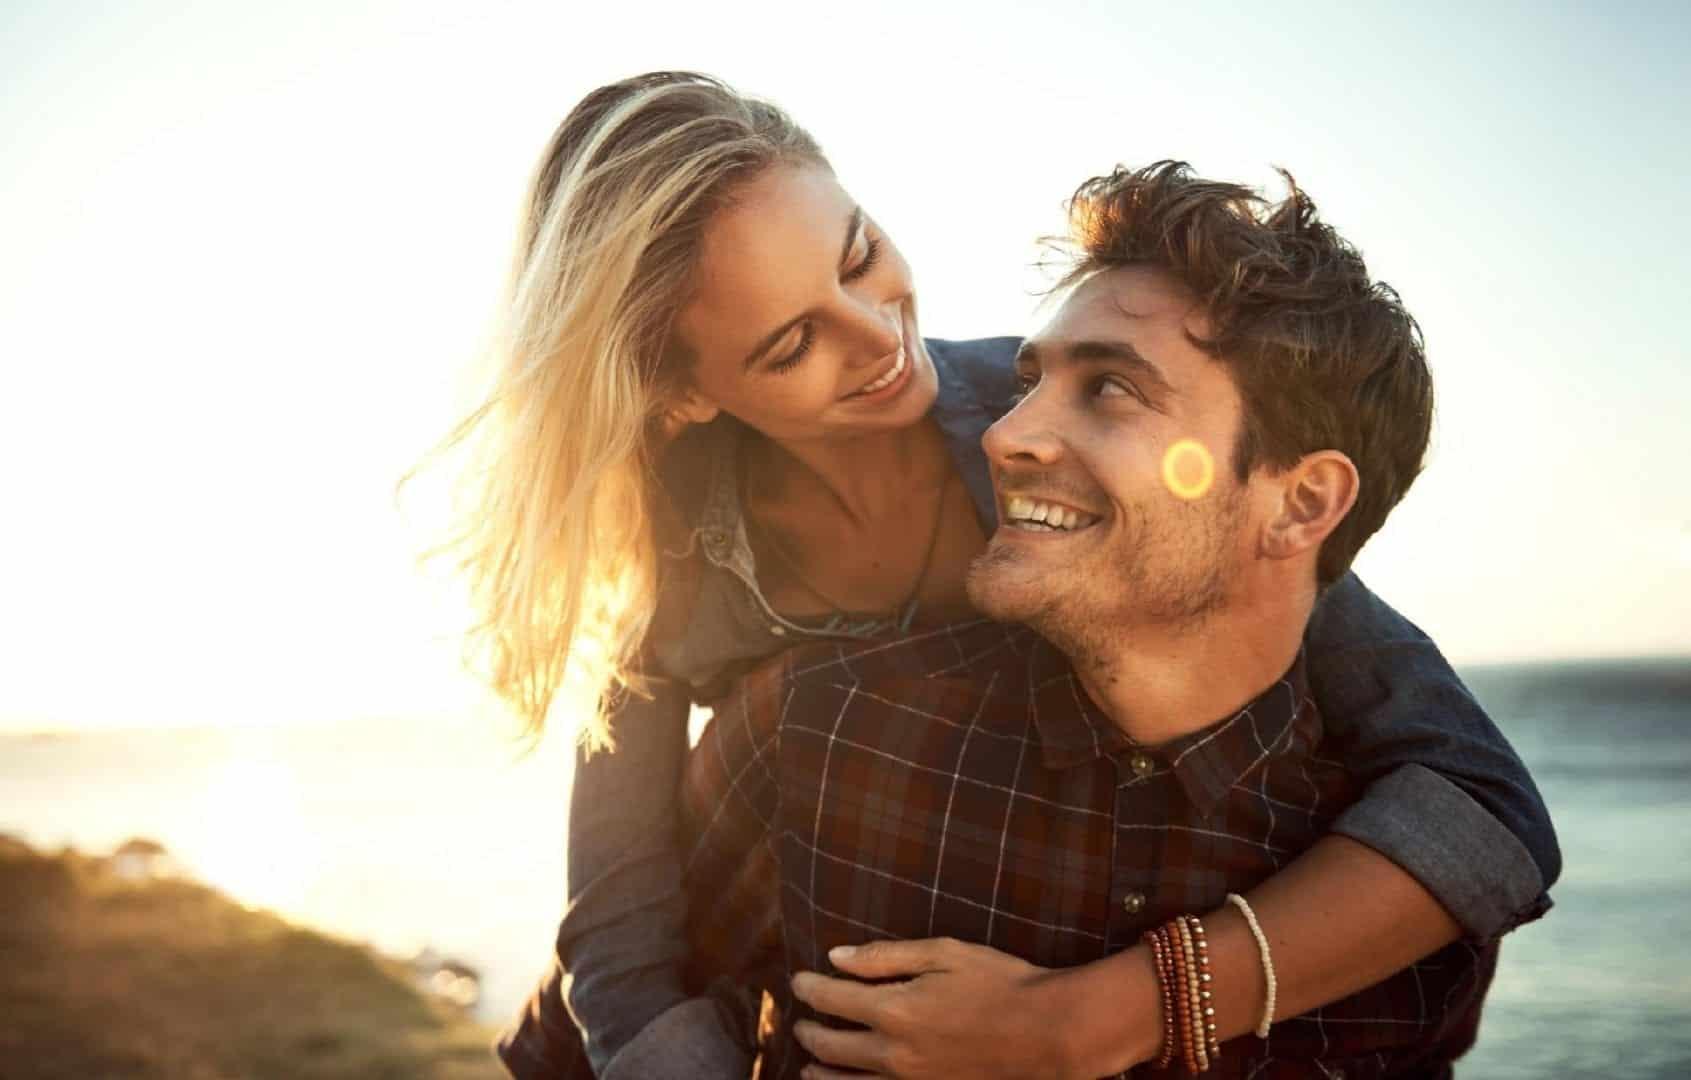 Confira agora os melhores conselhos para casais felizes